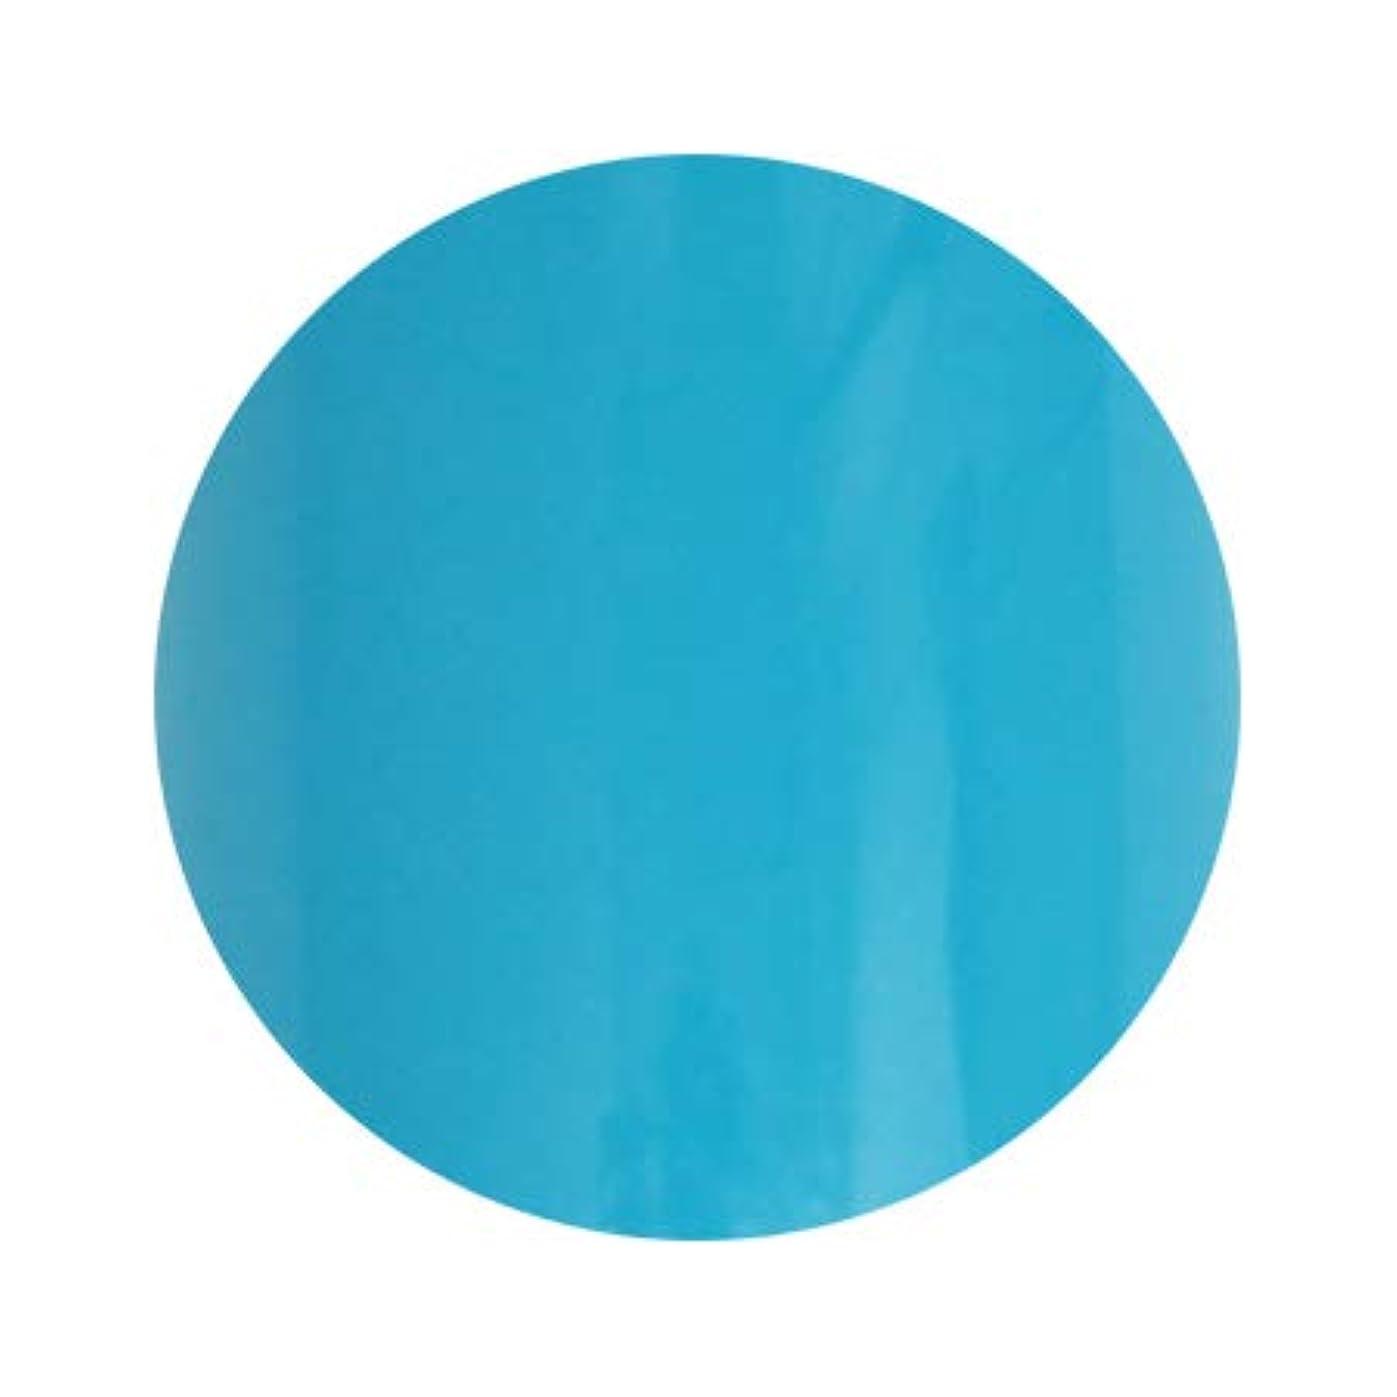 宣言する未亡人患者LUCU GEL ルクジェル カラー BLM14 ネイティブブルー 3.5g